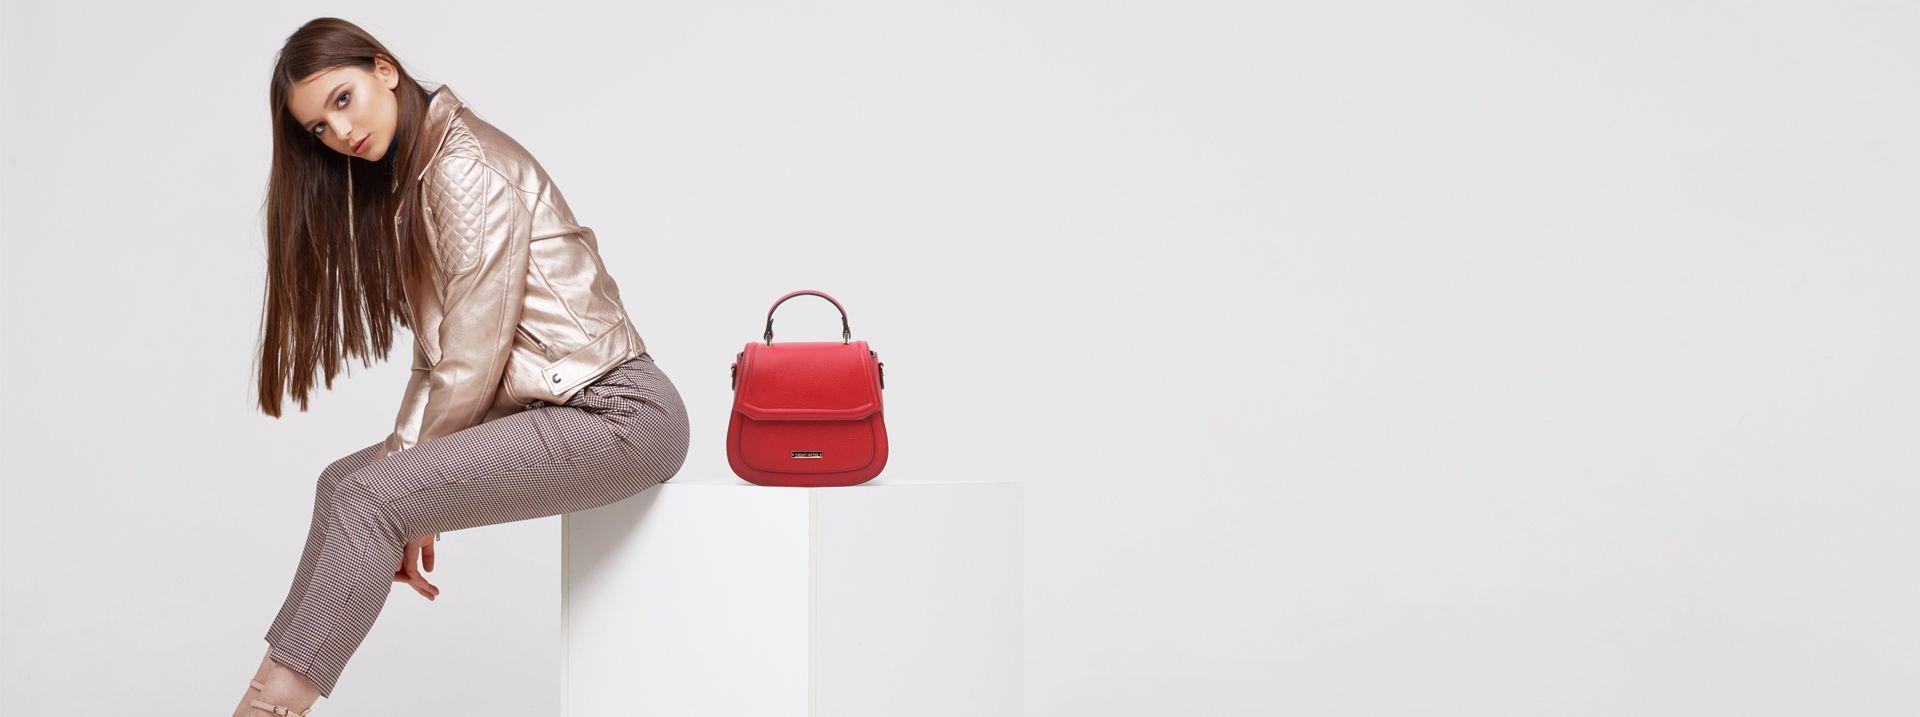 イタリア製レザーバッグ2020年春の新作バッグ_pc